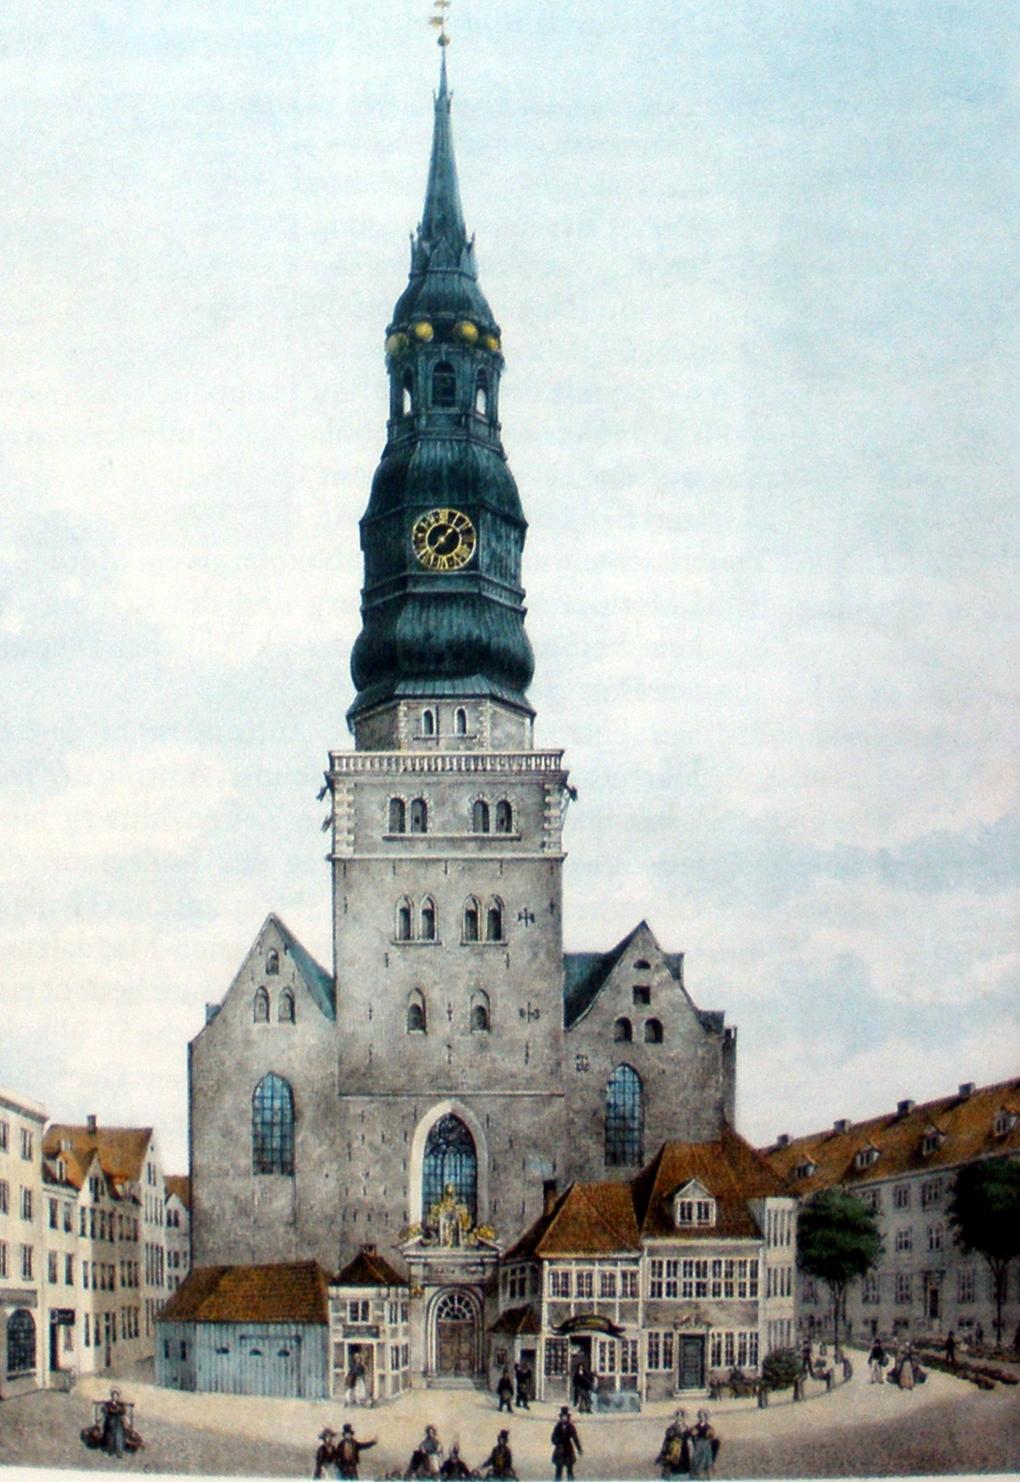 St. Nikolai vor dem Großen Brand 1842, kolorierte Lithografie um 1835 von Peter Suhr (1788-1857)